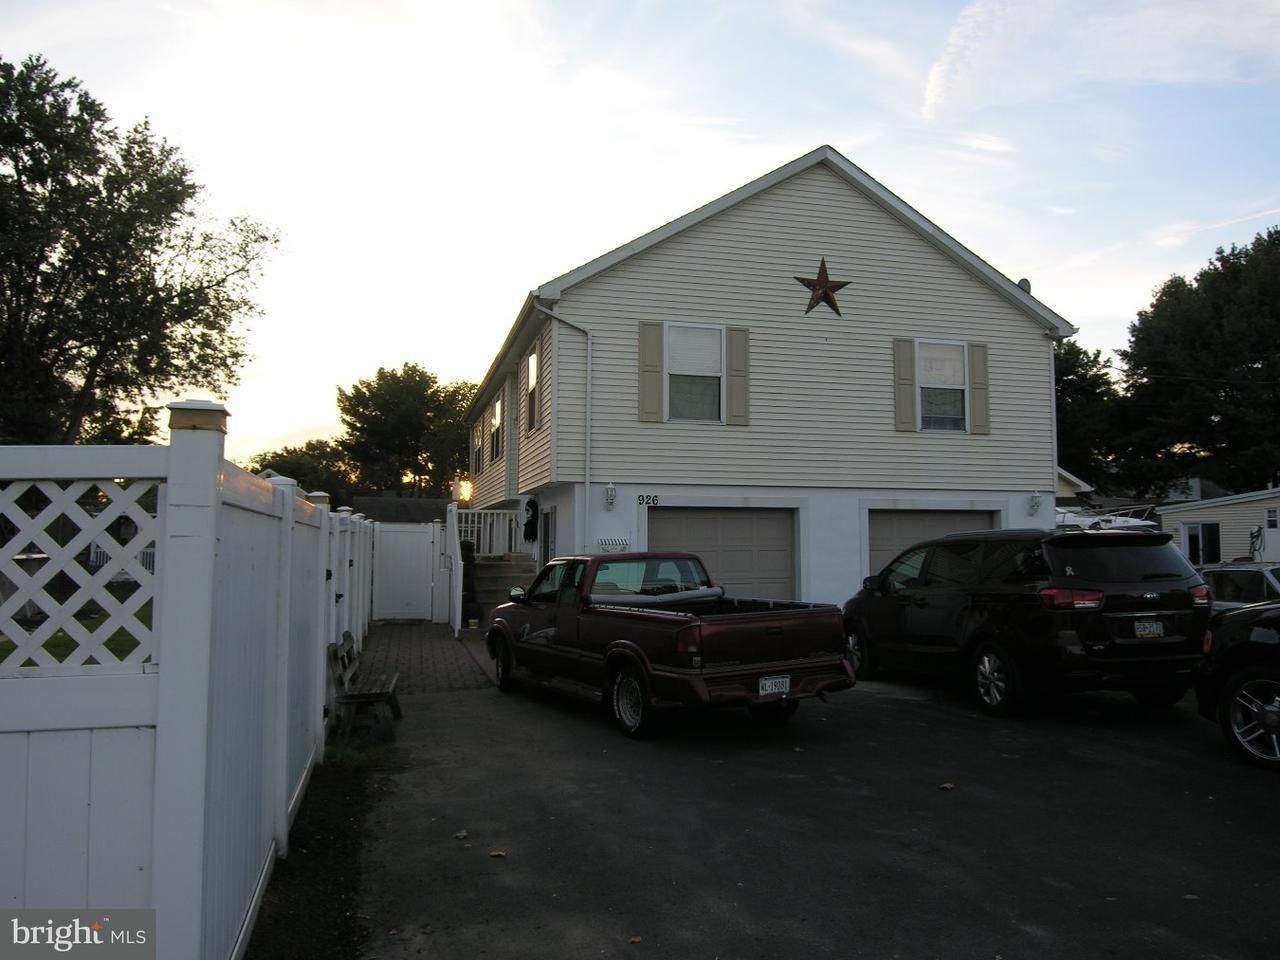 Частный односемейный дом для того Продажа на 926 CEDAR Avenue Croydon, Пенсильвания 19021 Соединенные Штаты